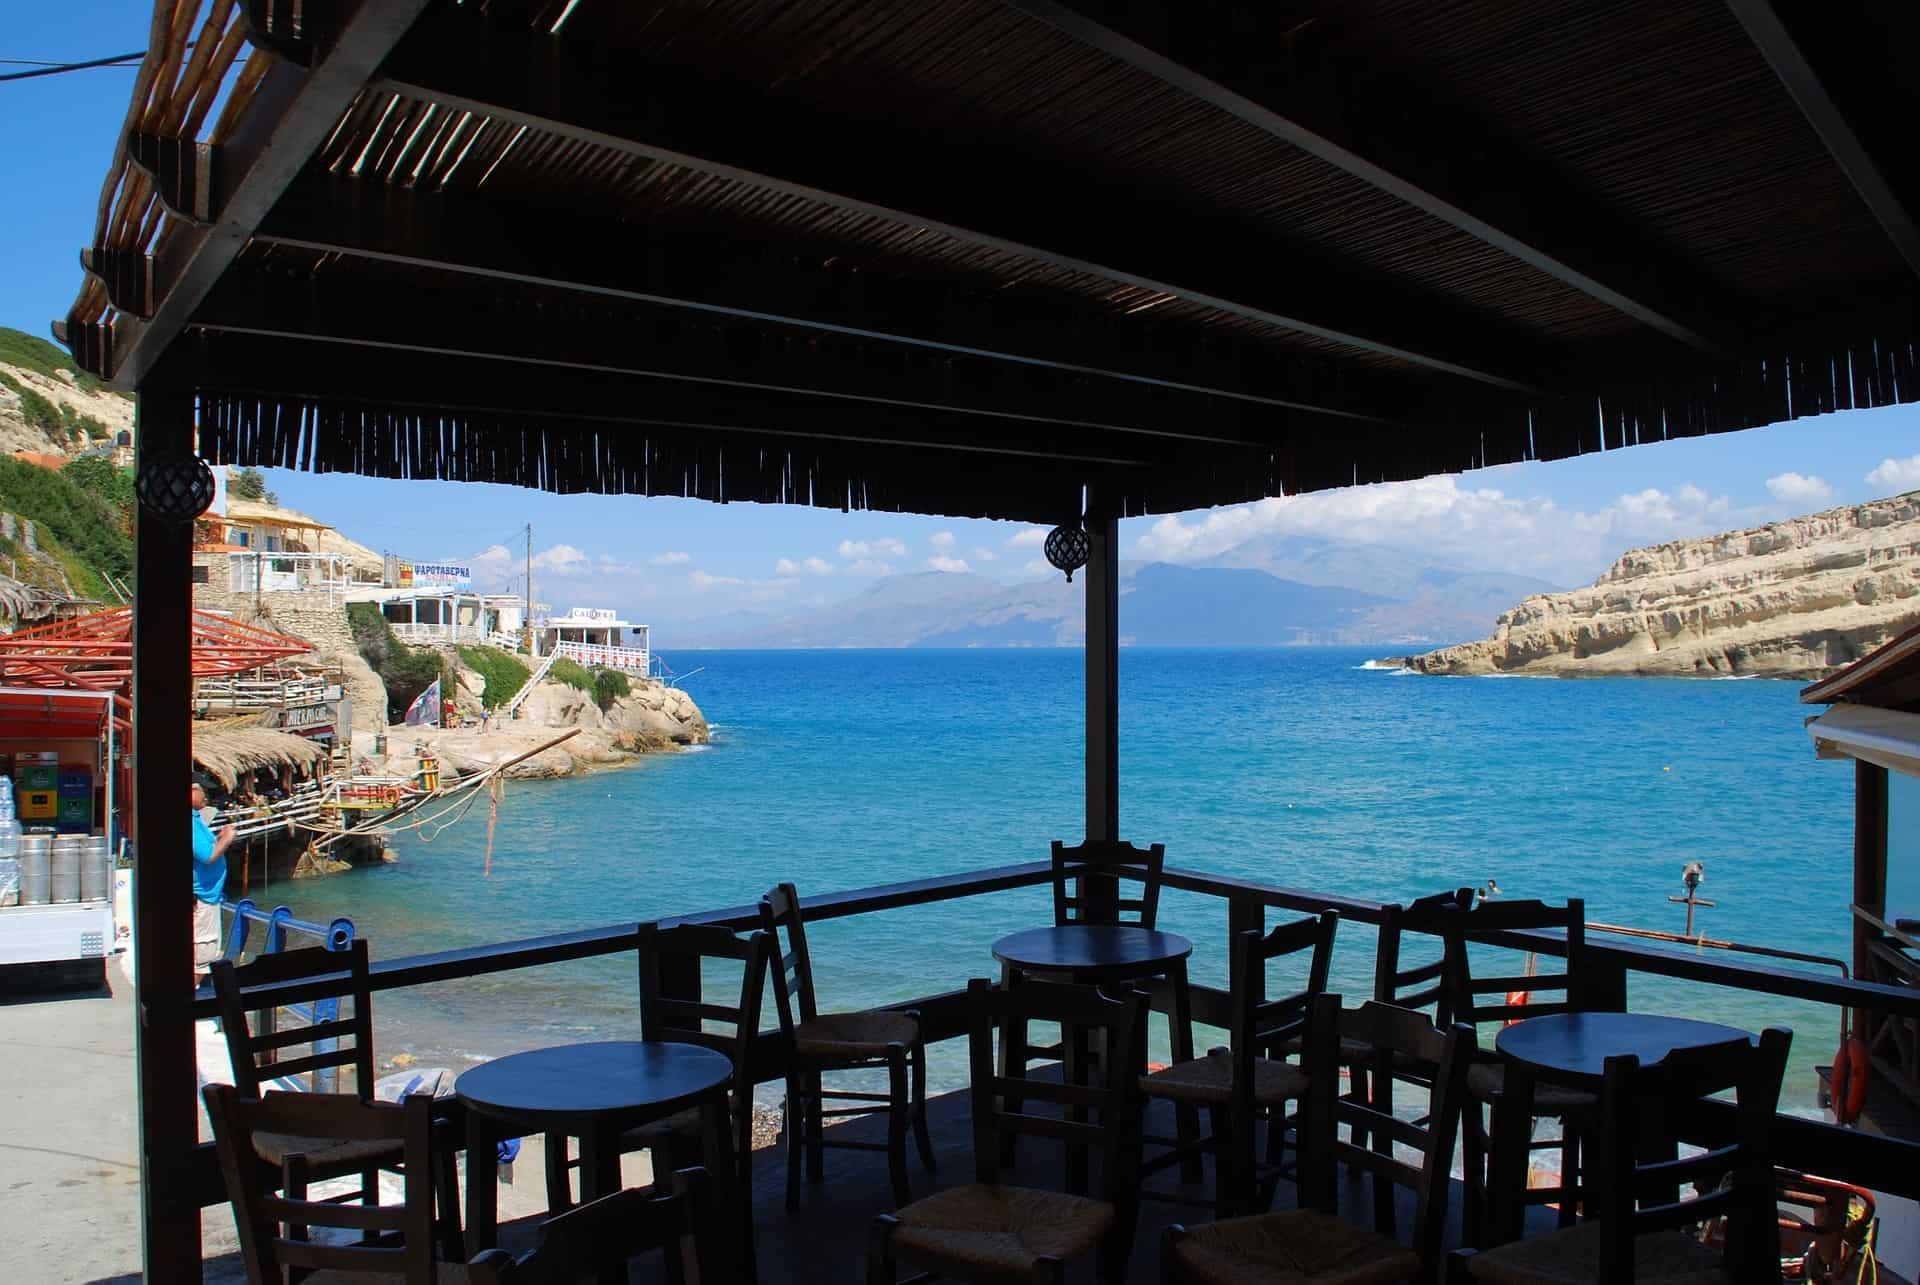 Halbpension reicht bei einem Urlaub auf Kreta Ihr wollt doch bei den Deals sparen und auf solche Tavernen nicht verzichten